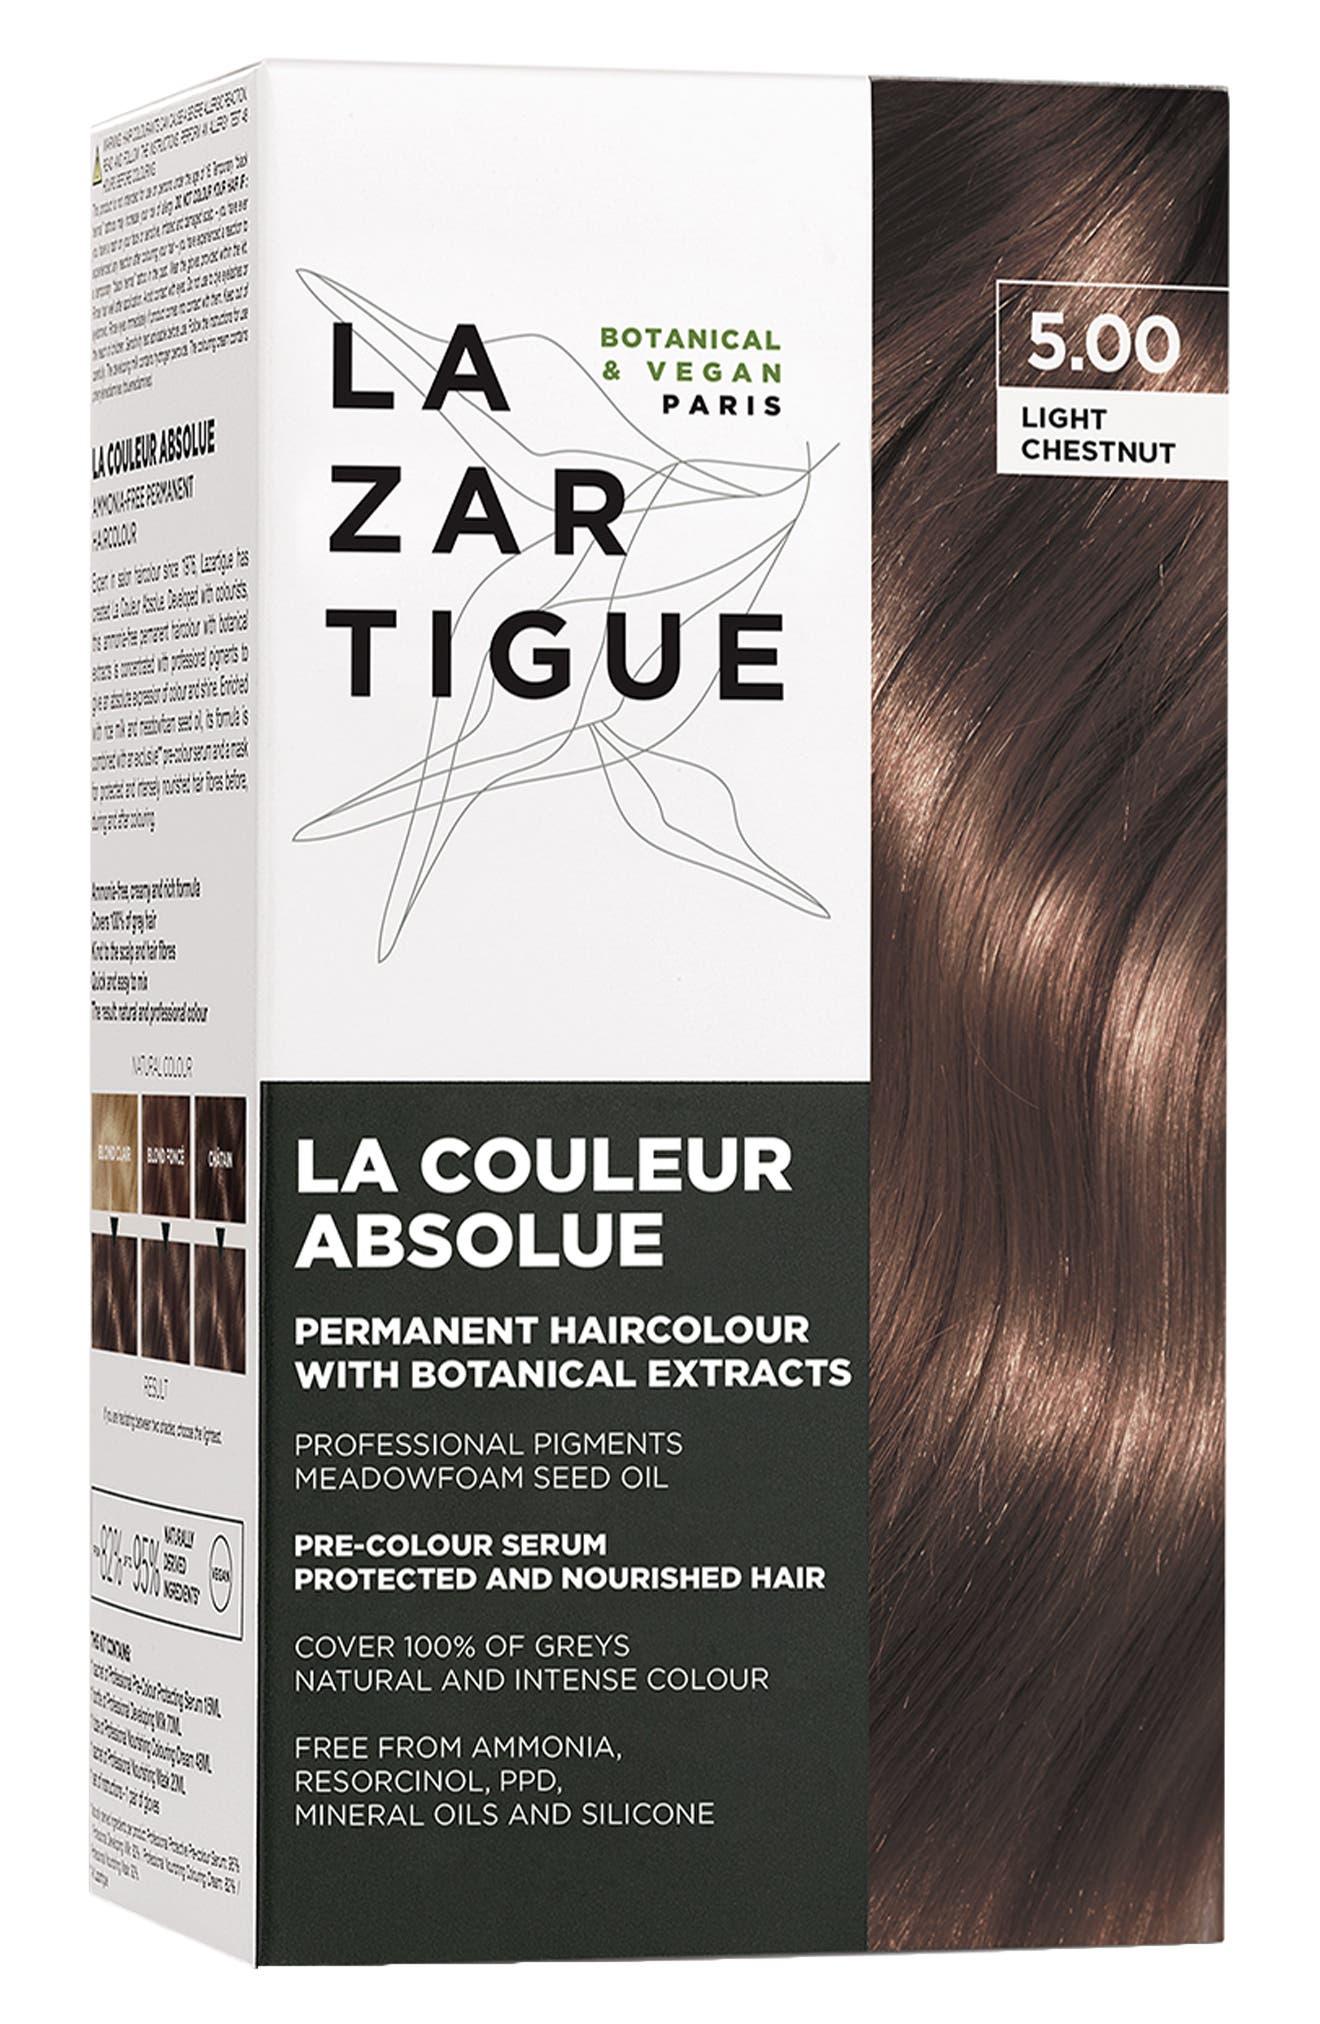 La Couleur Absolue Permanent Hair Color Kit